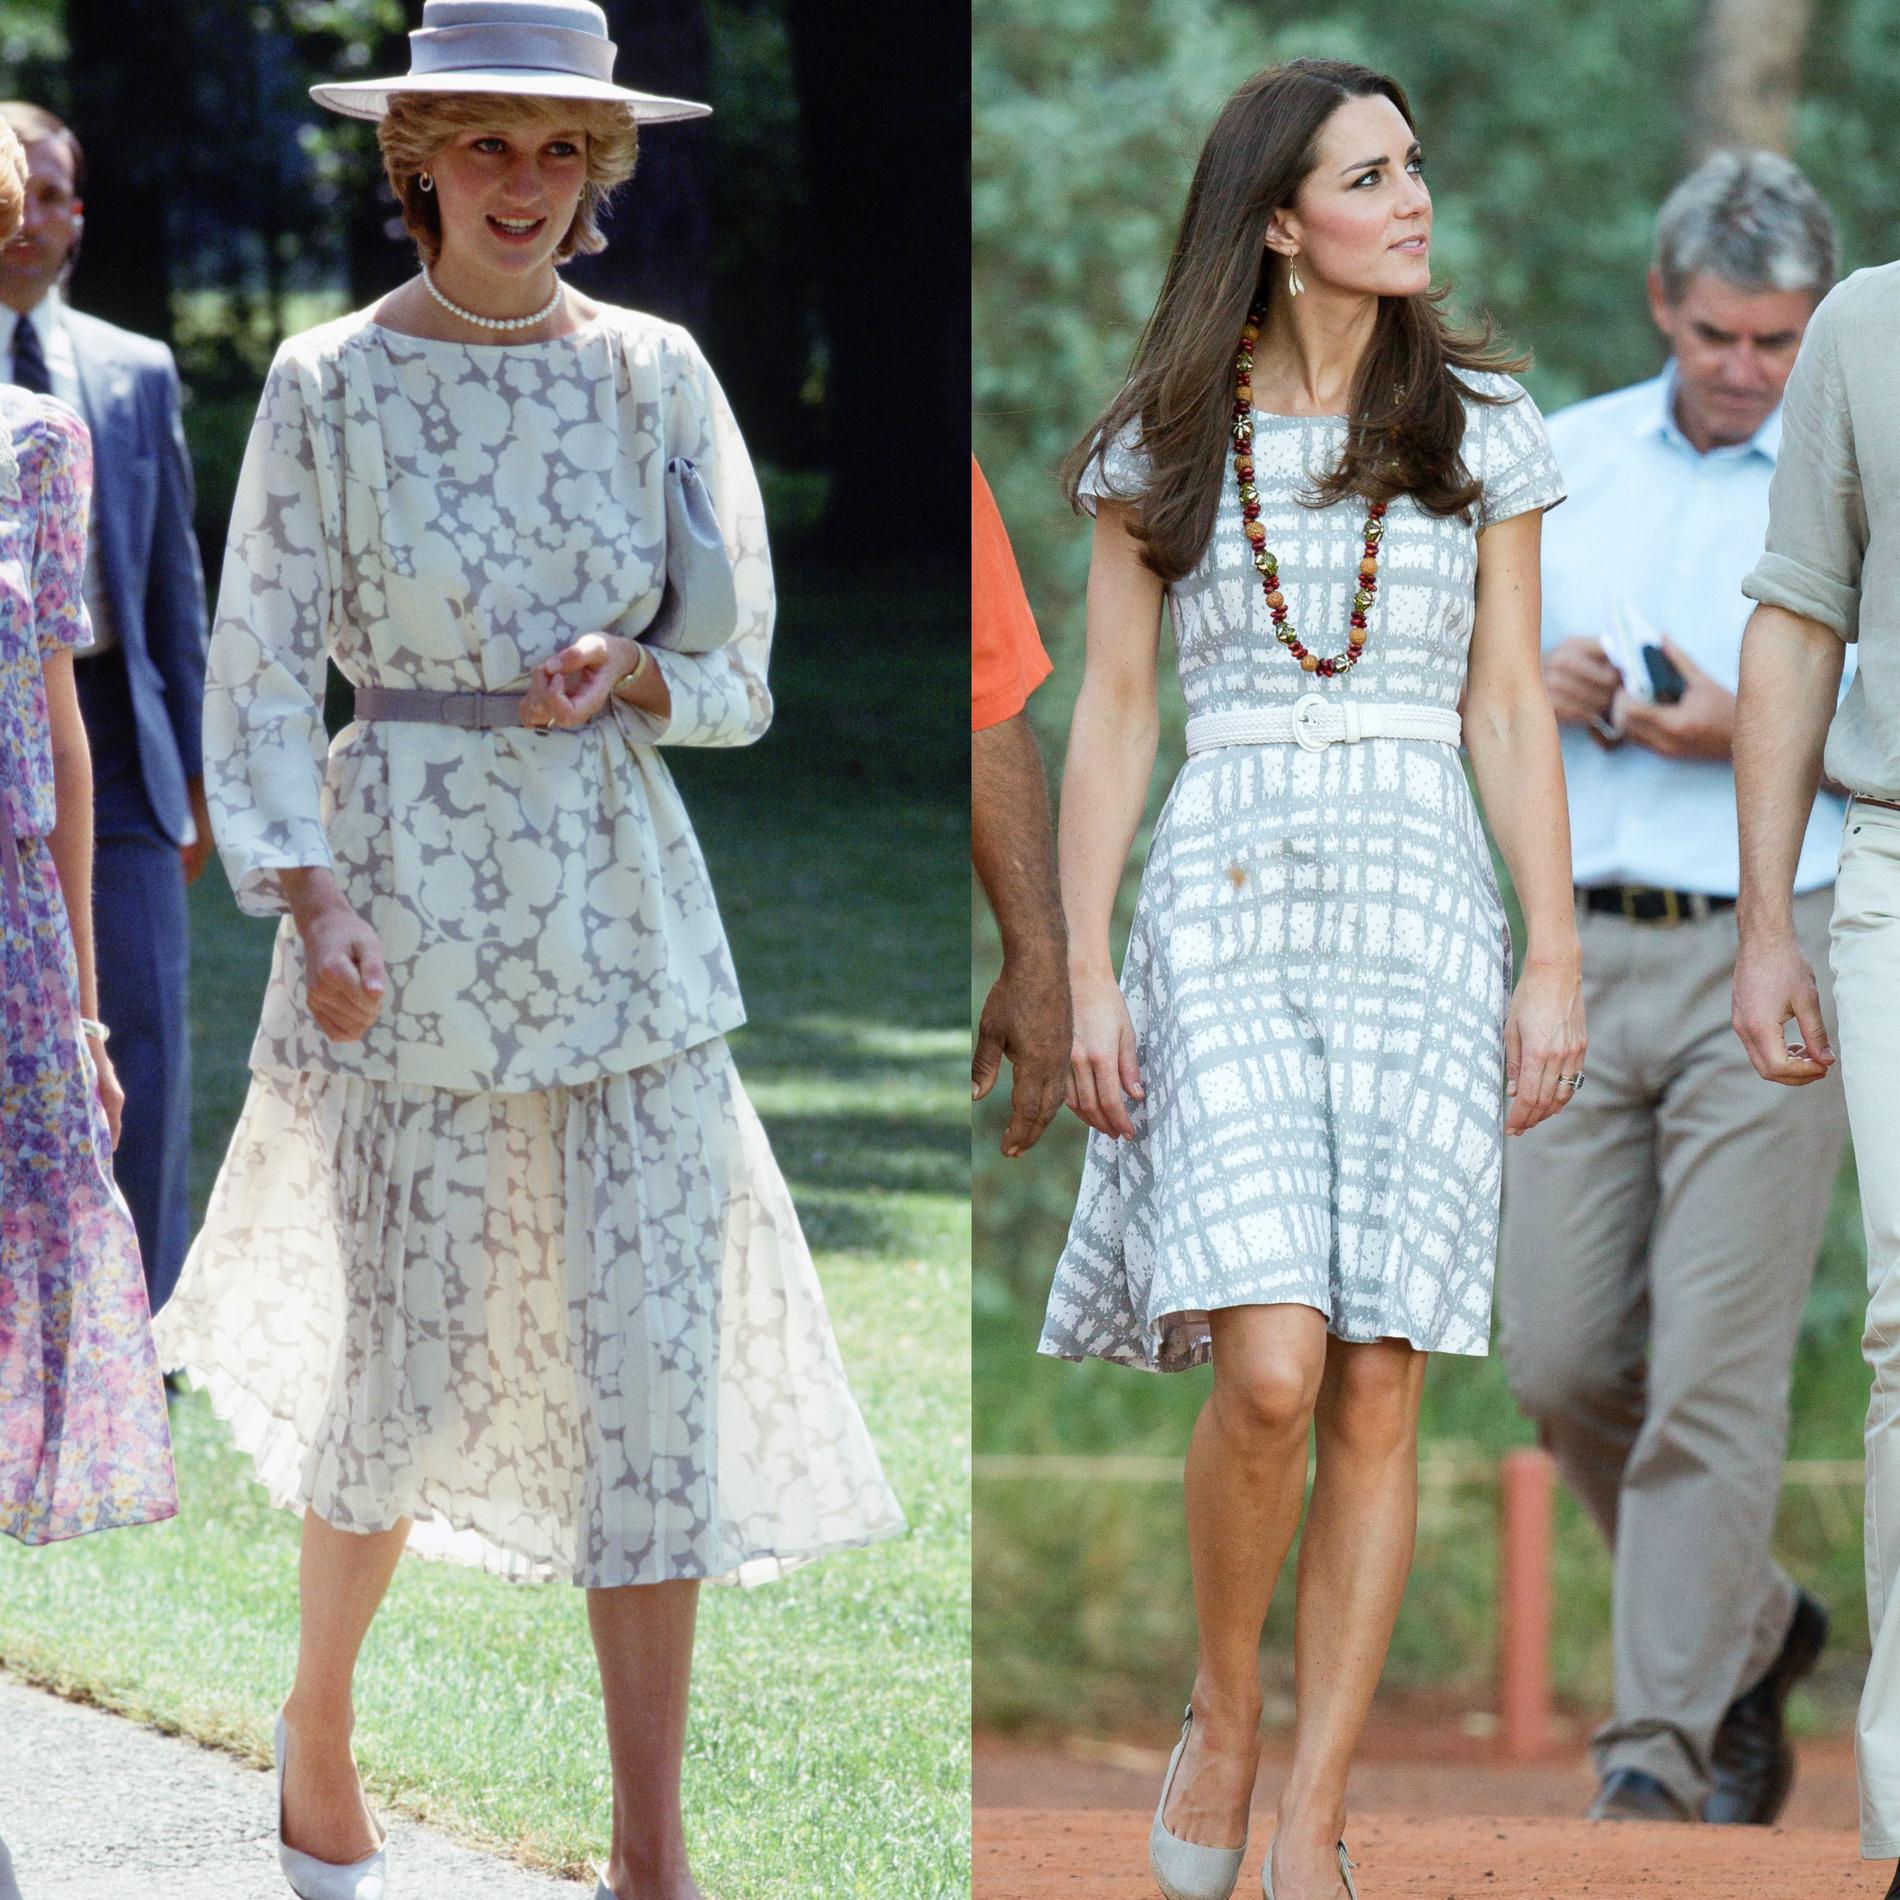 19f9aa38793 ... Les points communs mode de Lady Diana et Kate Middleton - en robe  immaculée Les points communs mode de Lady Diana et Kate Middleton - En robe  fleurie ...